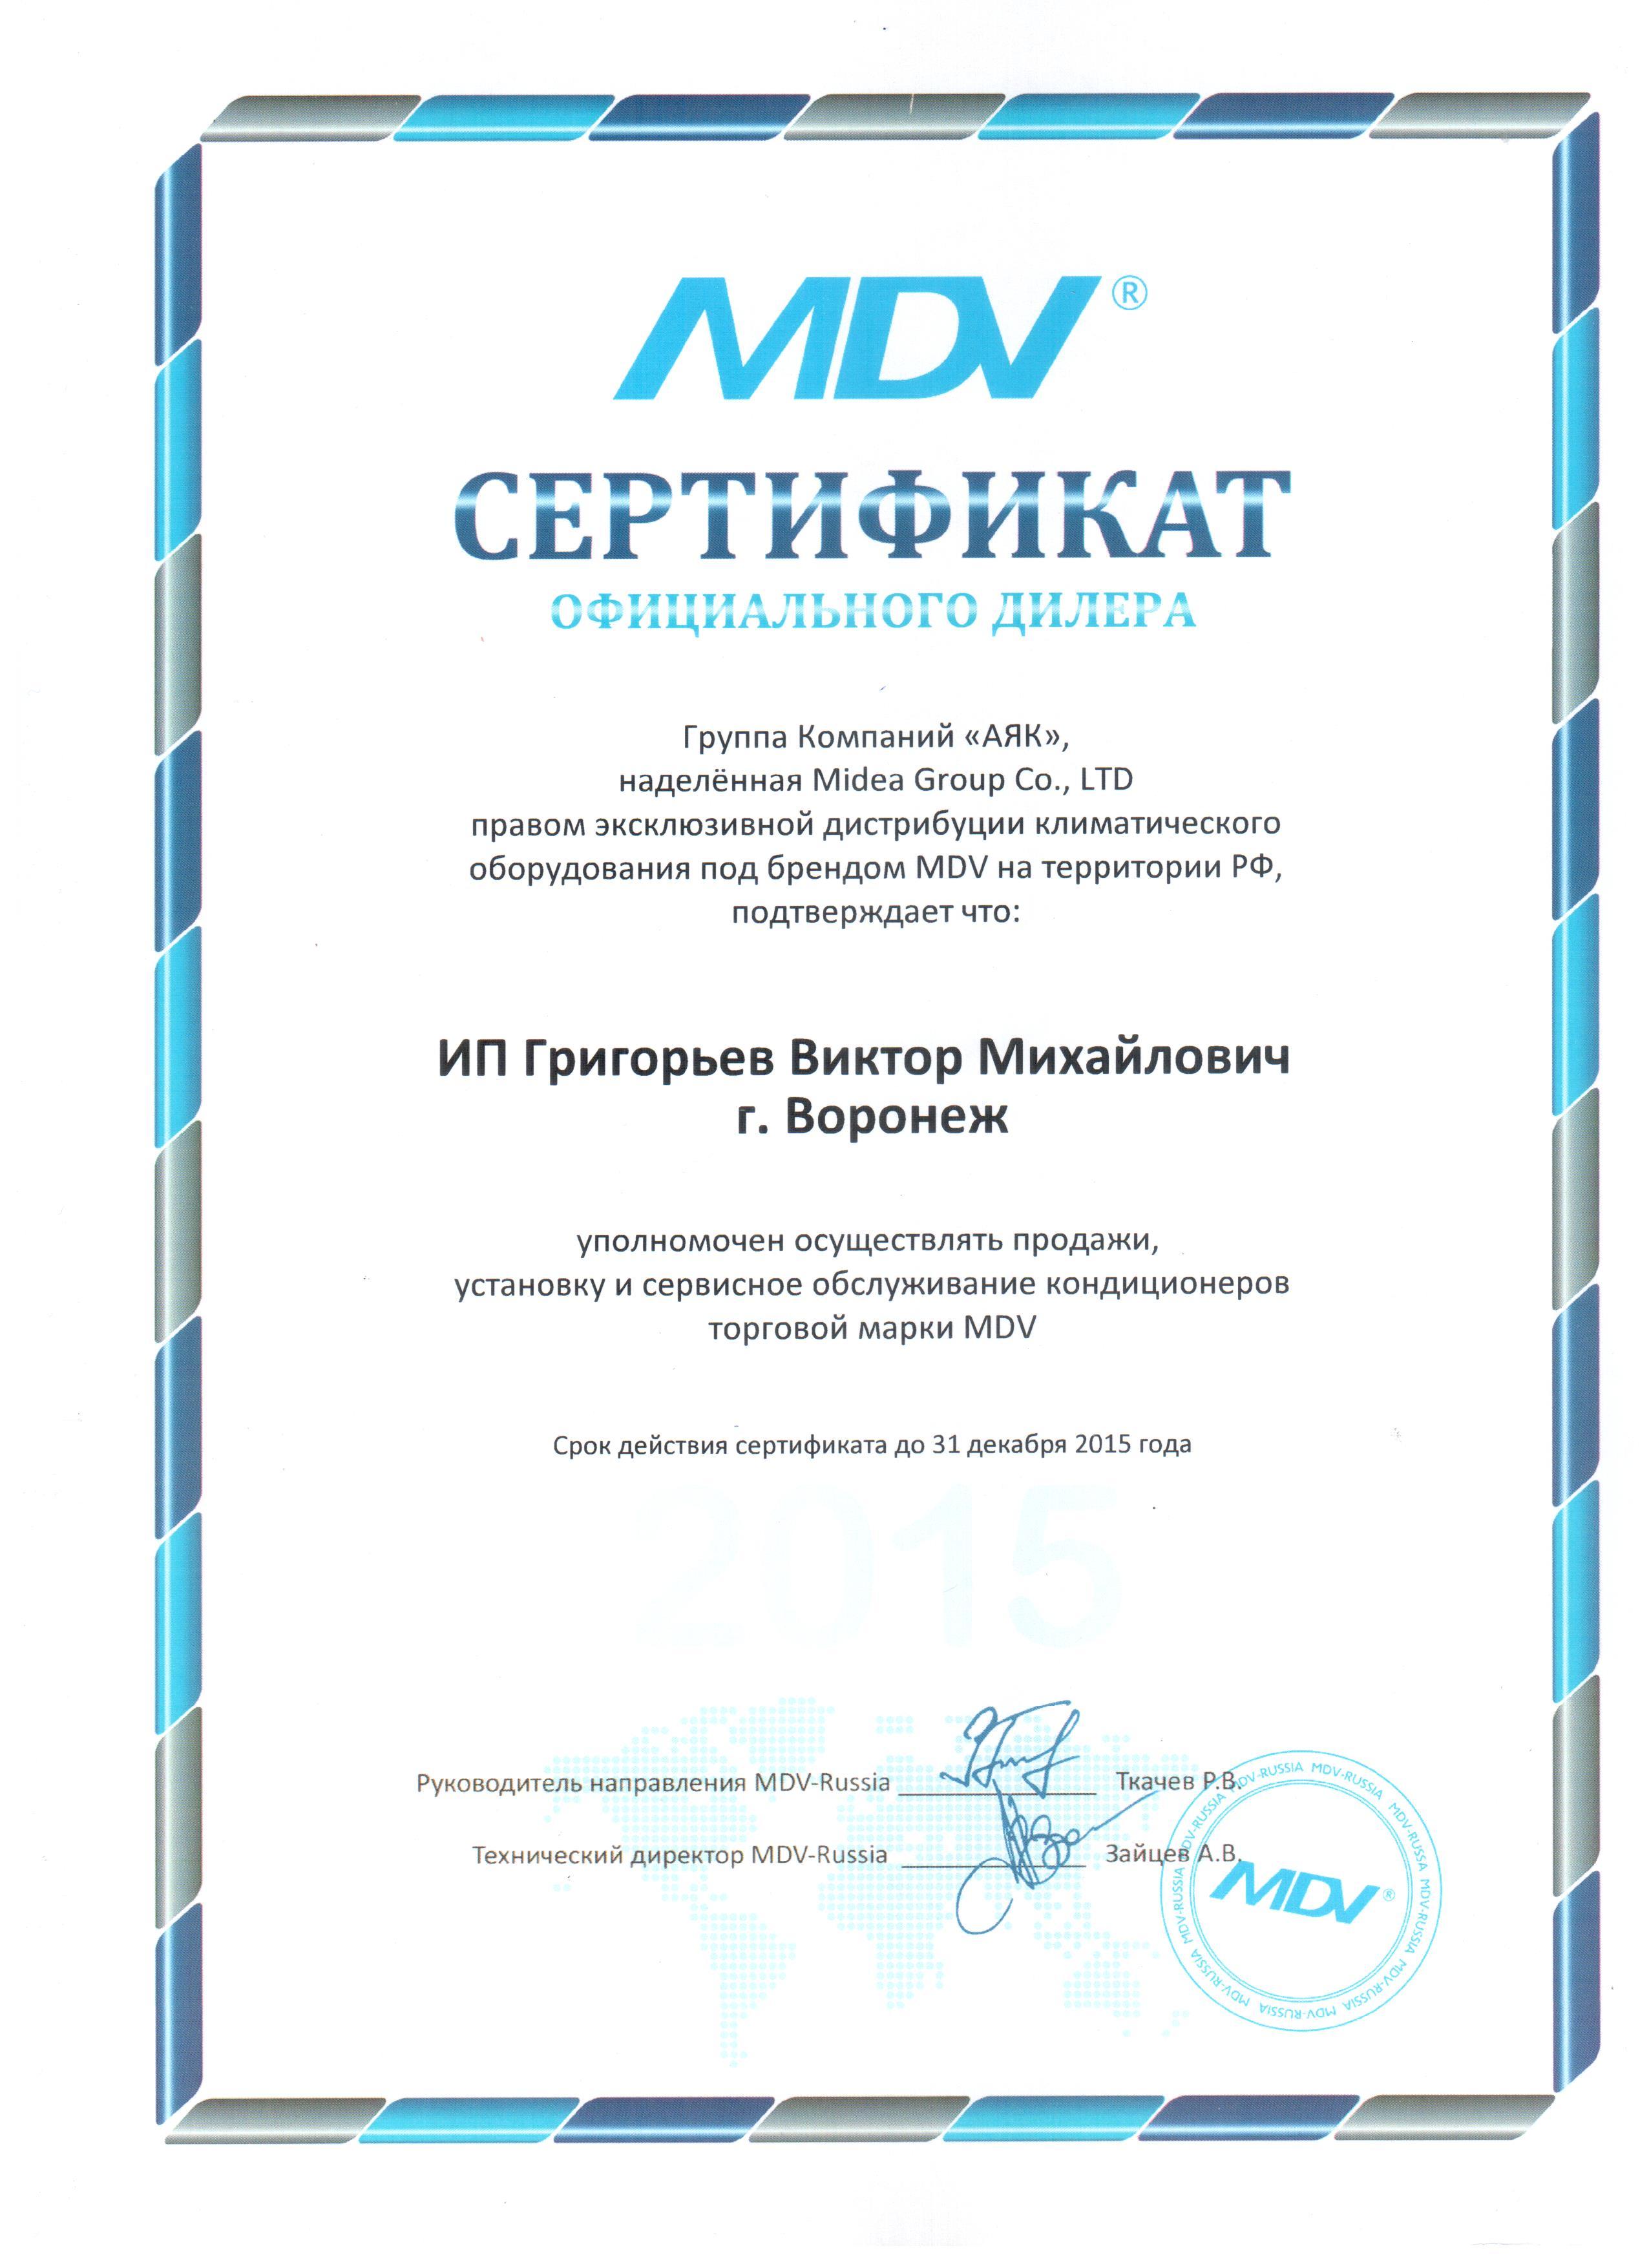 Нажмите на изображение, чтобы посмотреть сертификат MDV